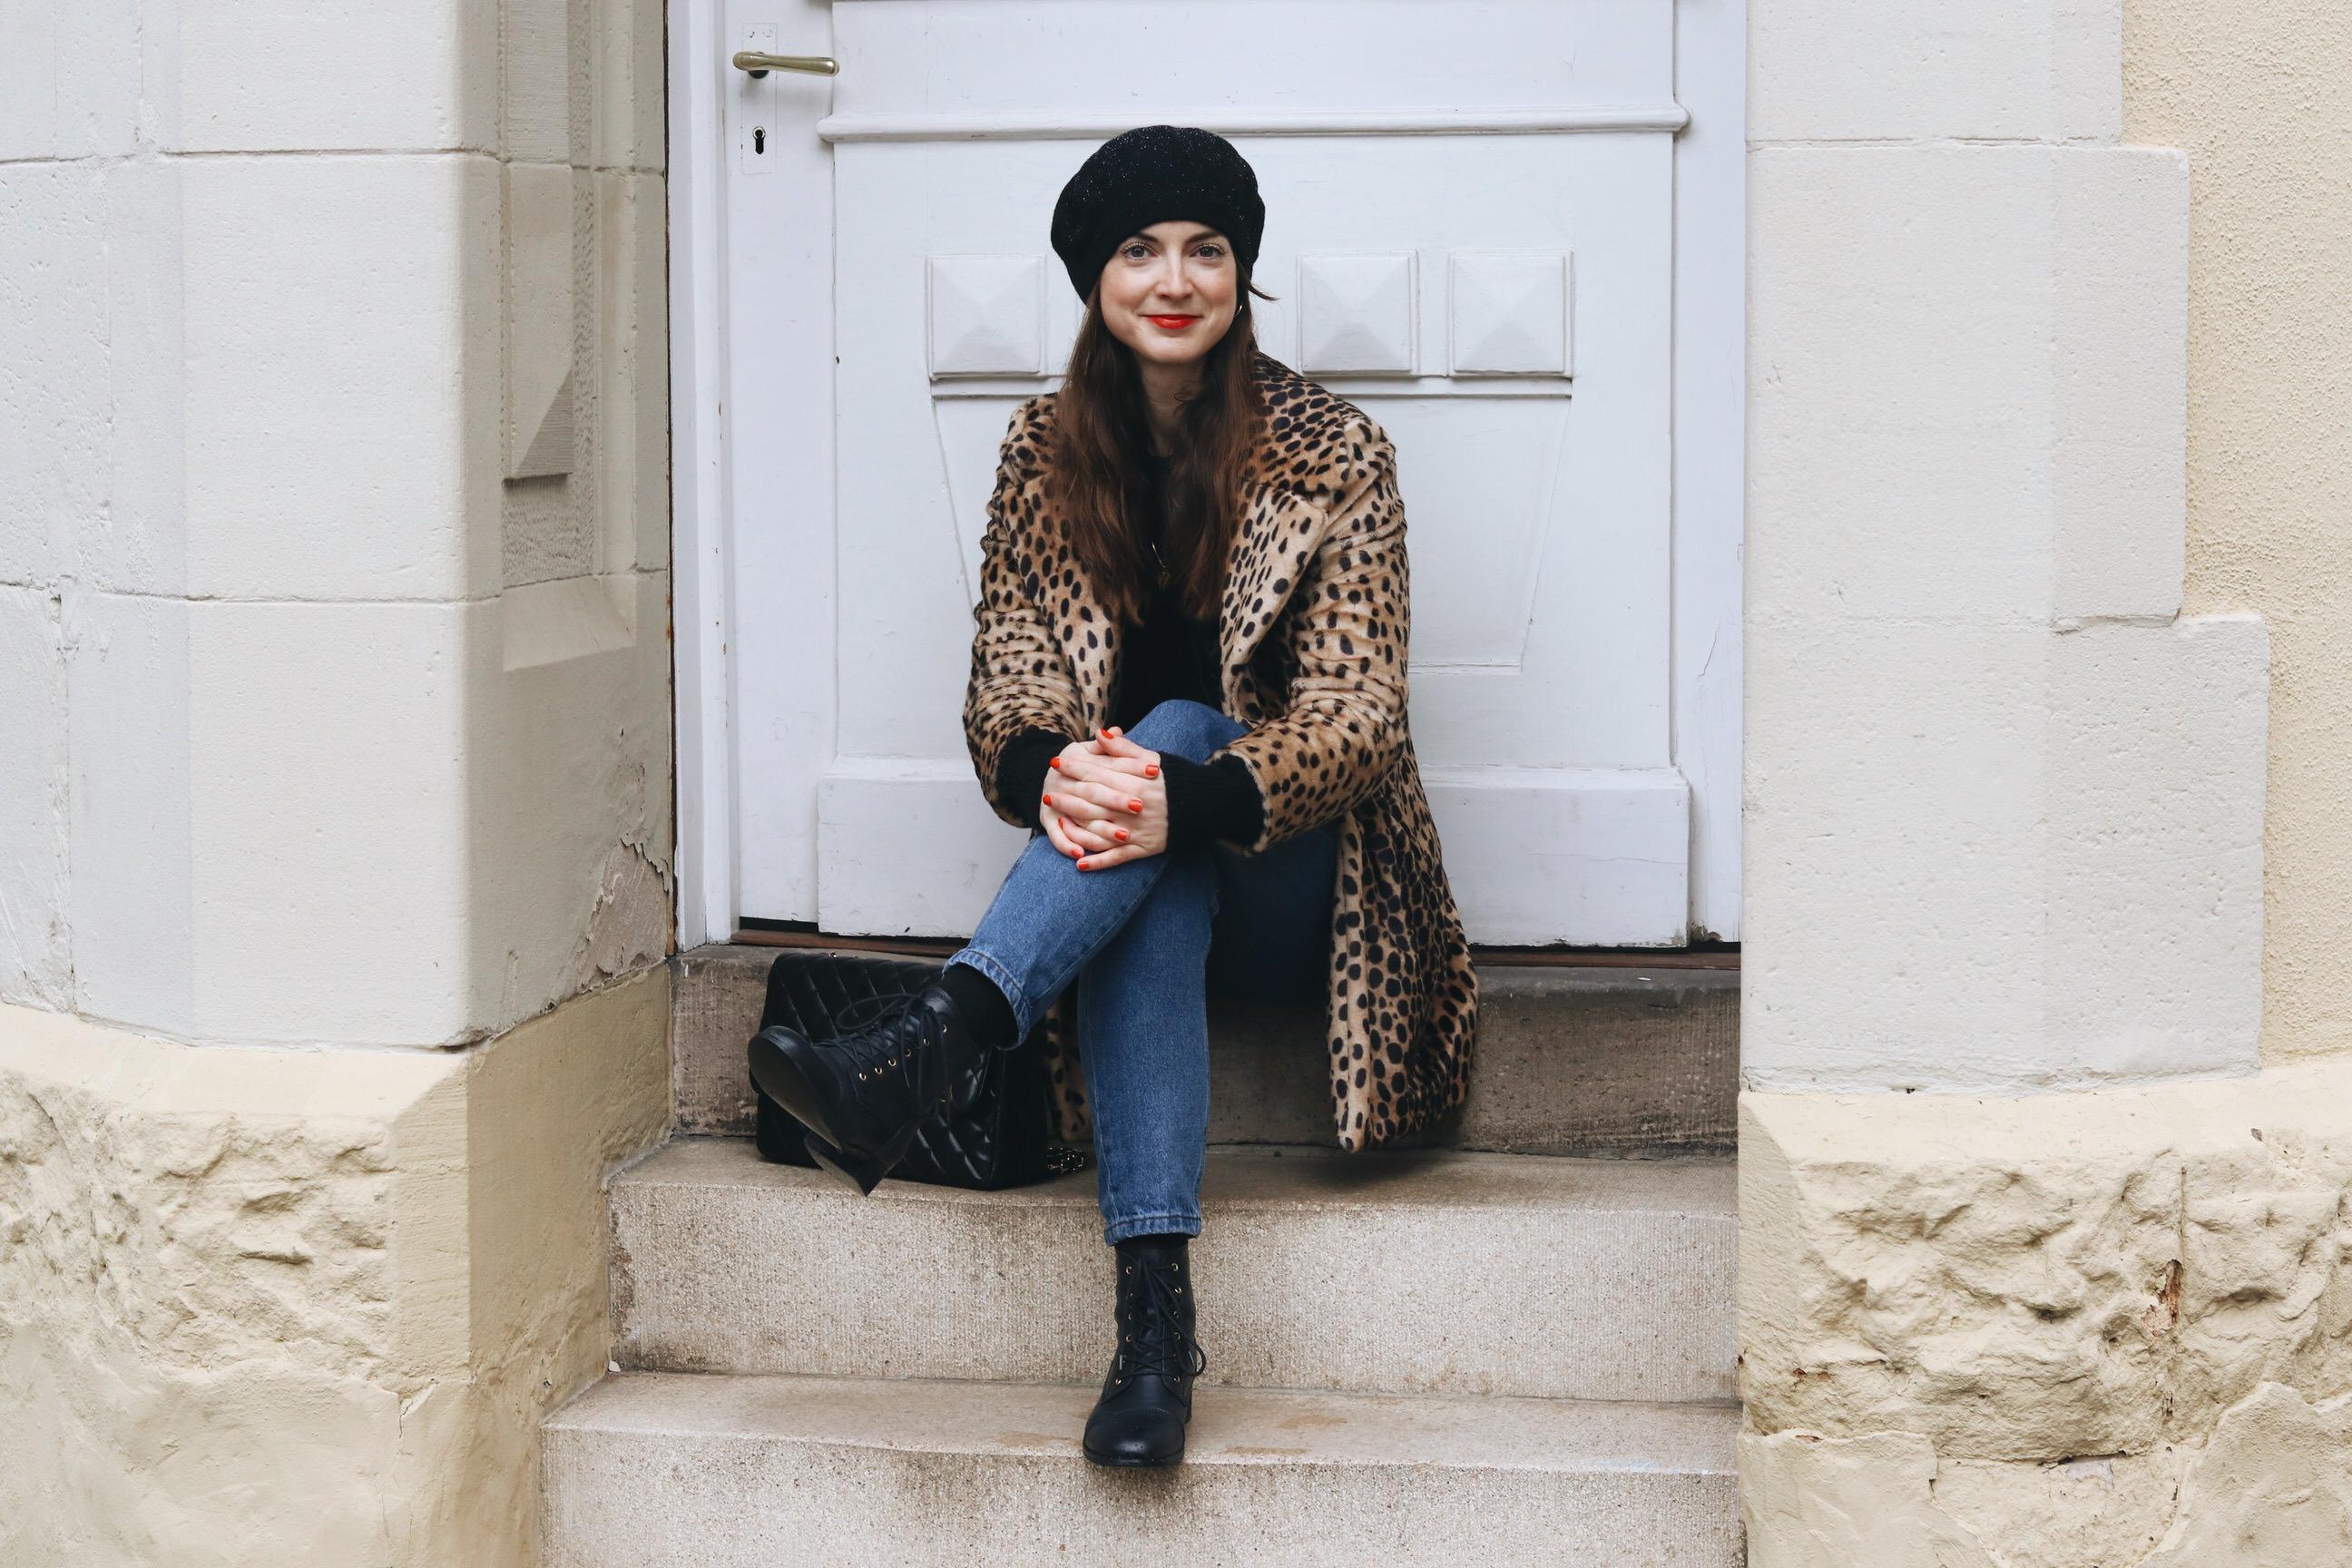 Neele Modebloggerin Freiburg Deutschland Top 10 Leomantel Outfit Winter kombinieren High Waist Jeans French Chic